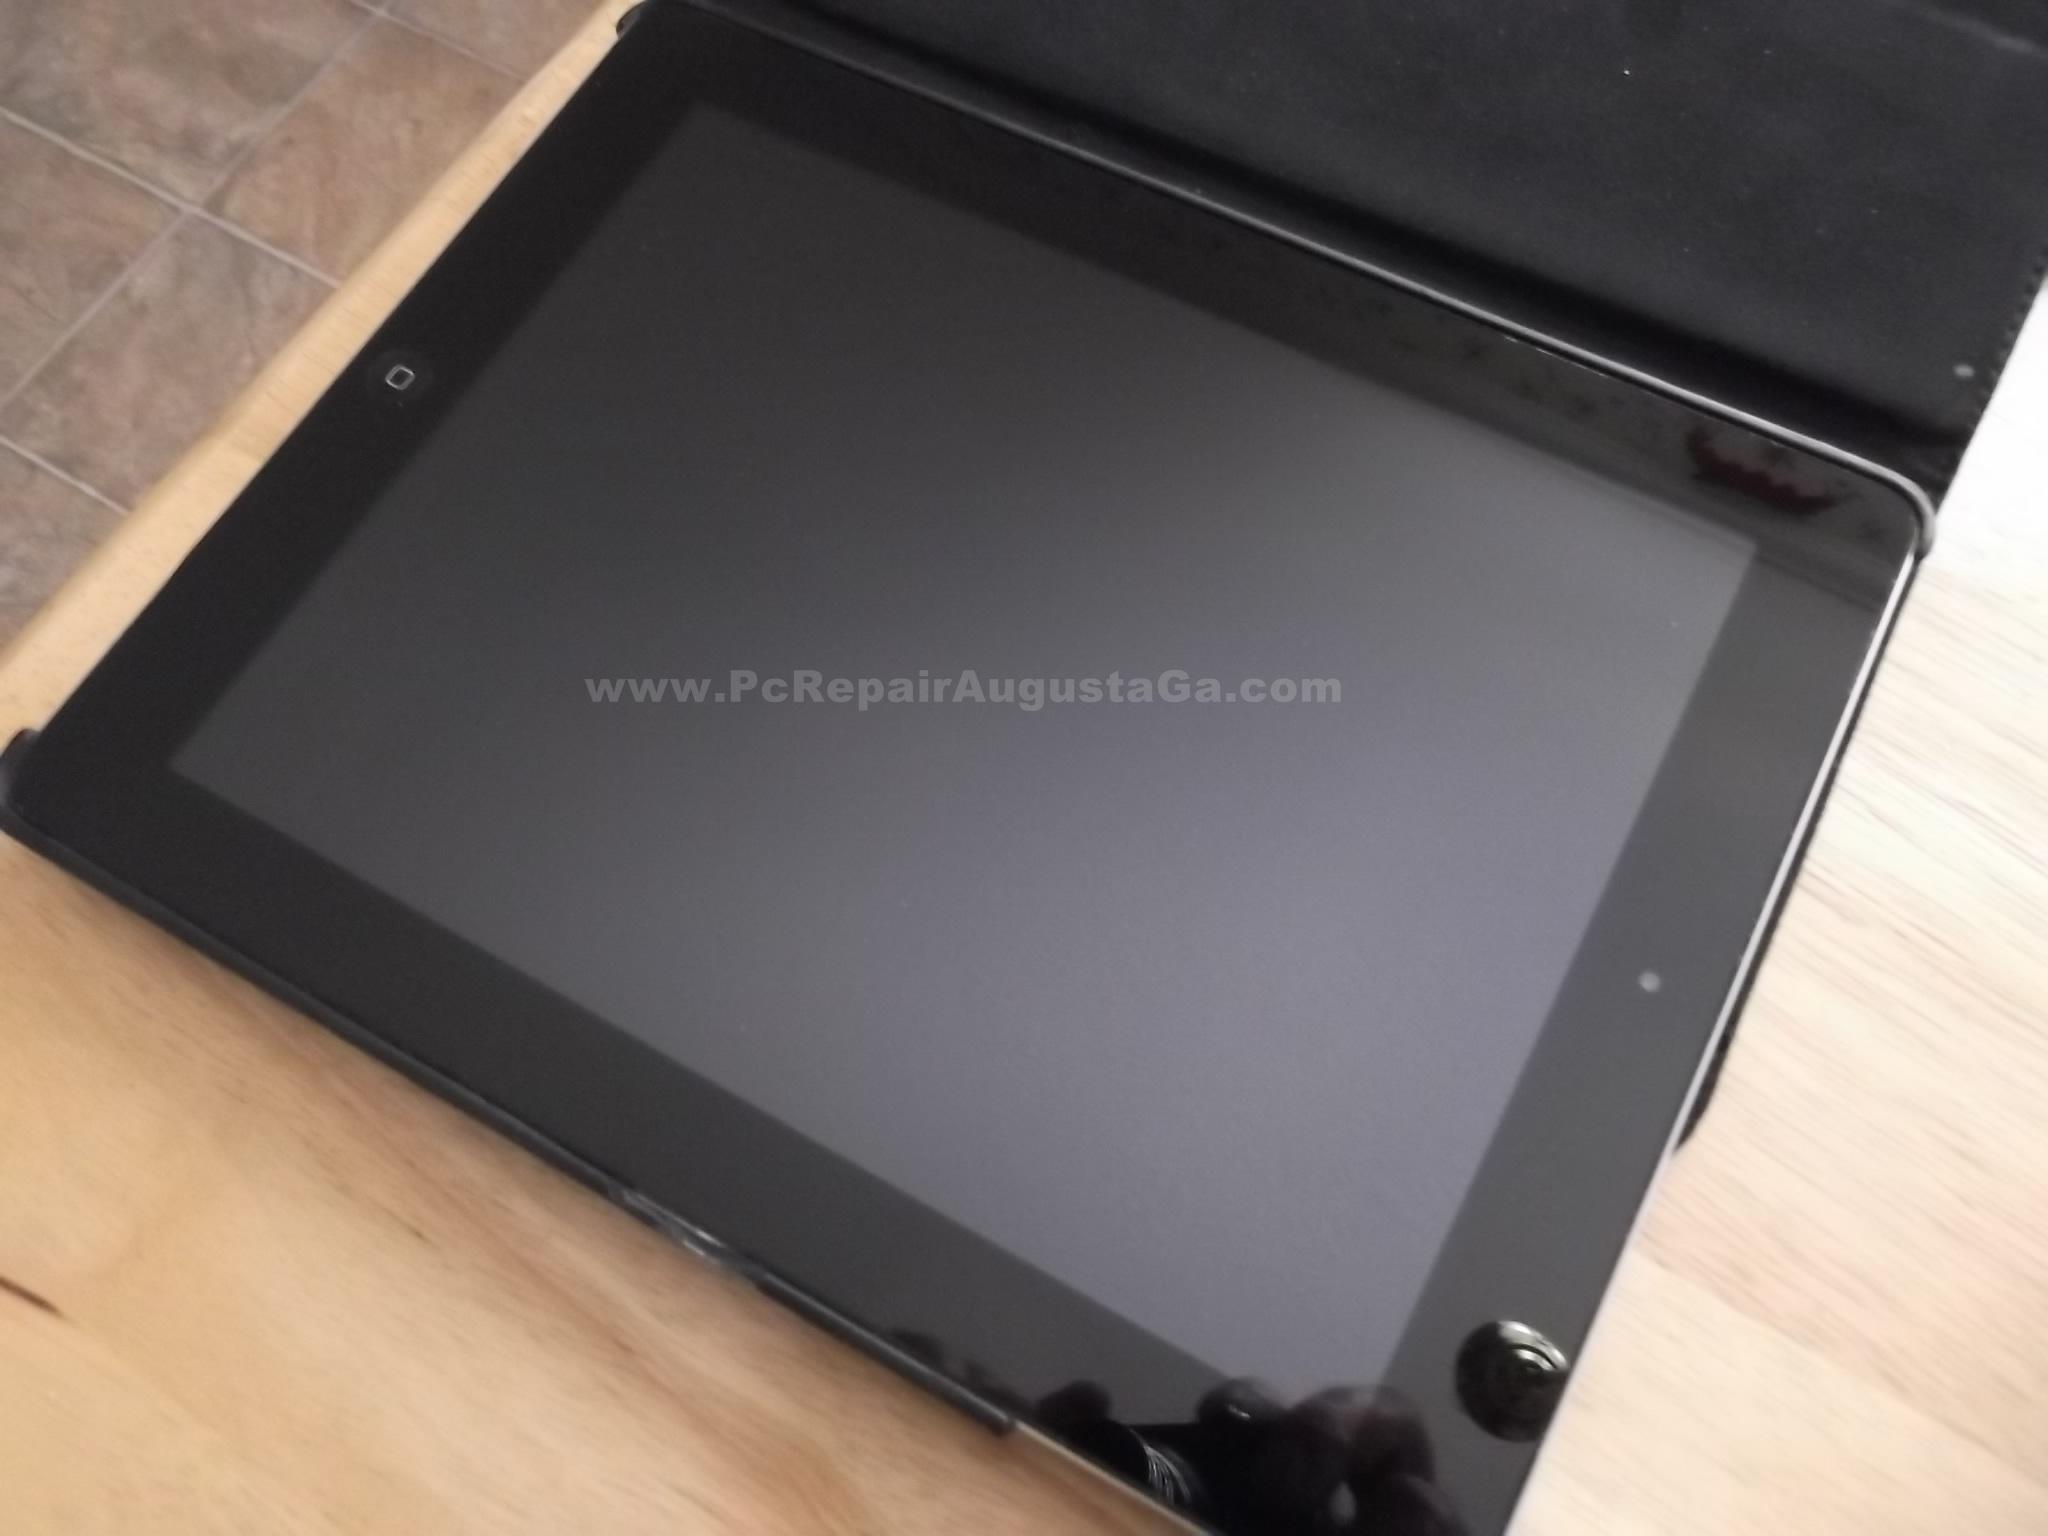 repair screen replacement augusta ga